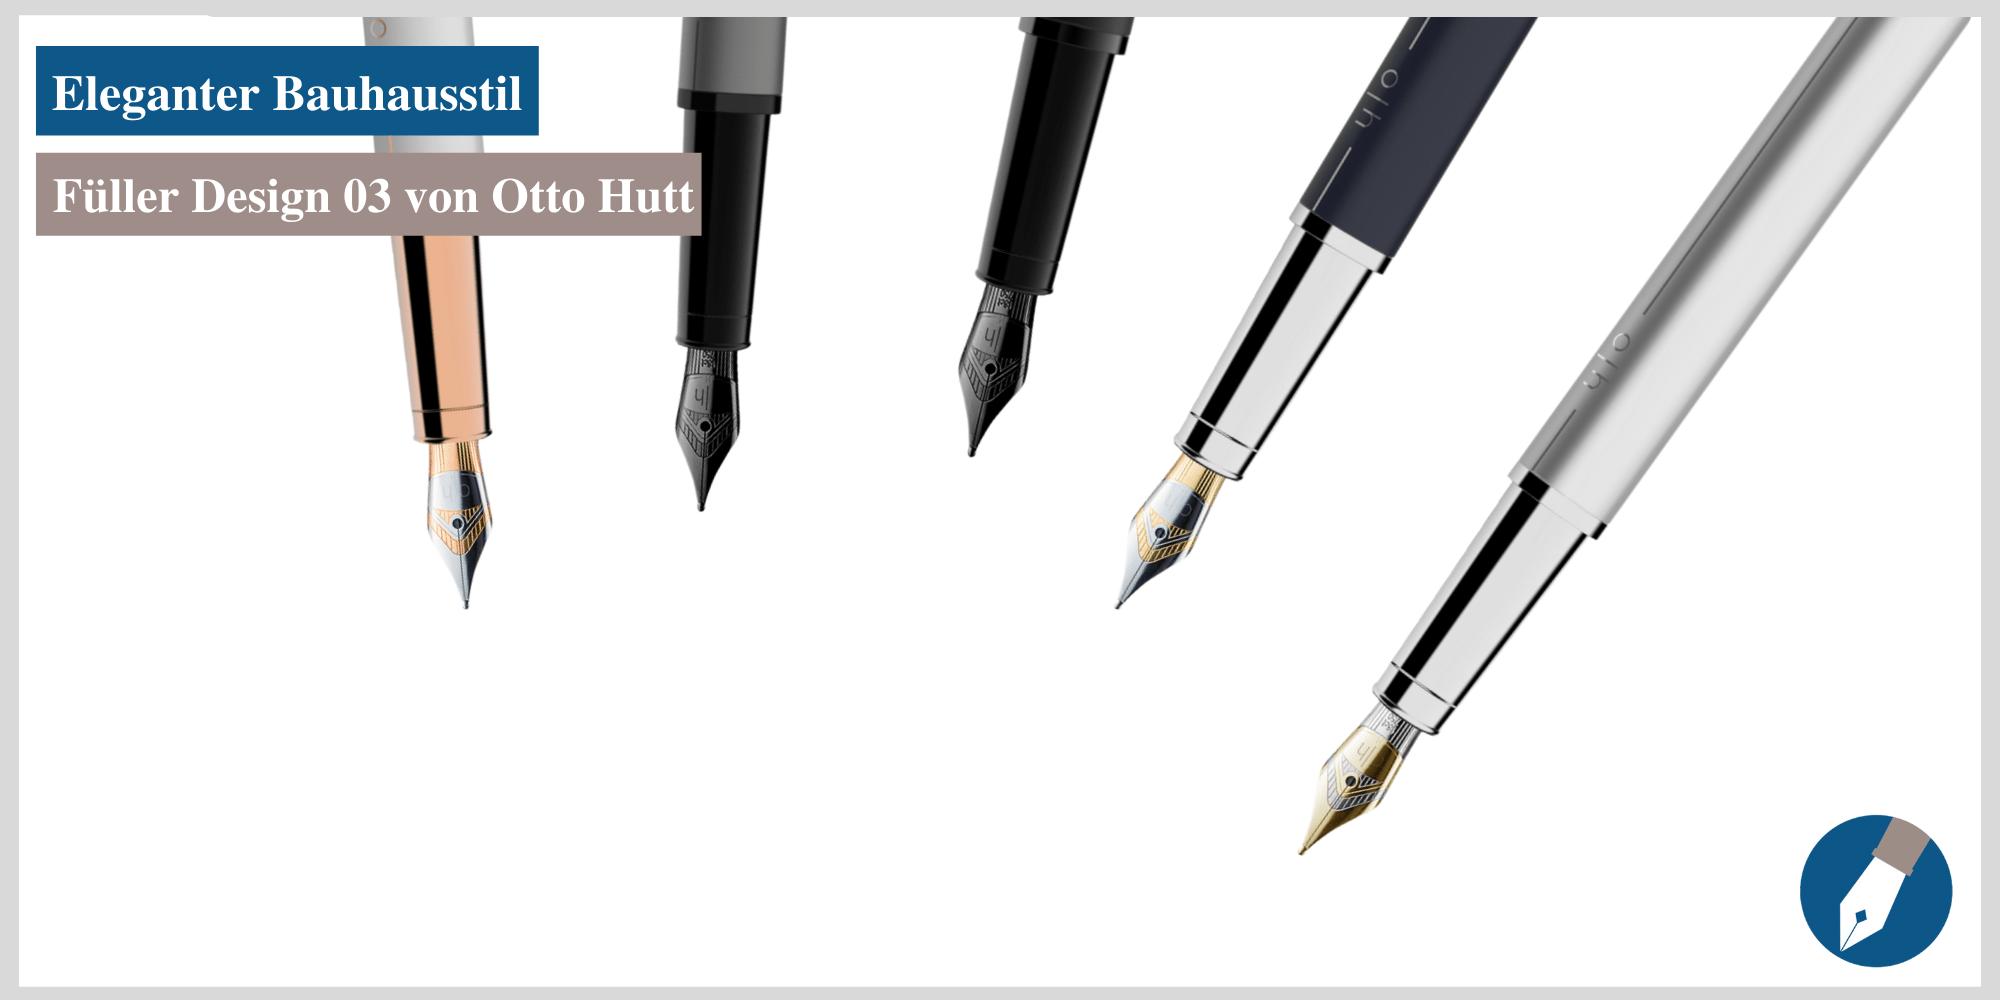 Der Füller Design 03 von Otto Hutt ist jetzt in Köln erhältlich.